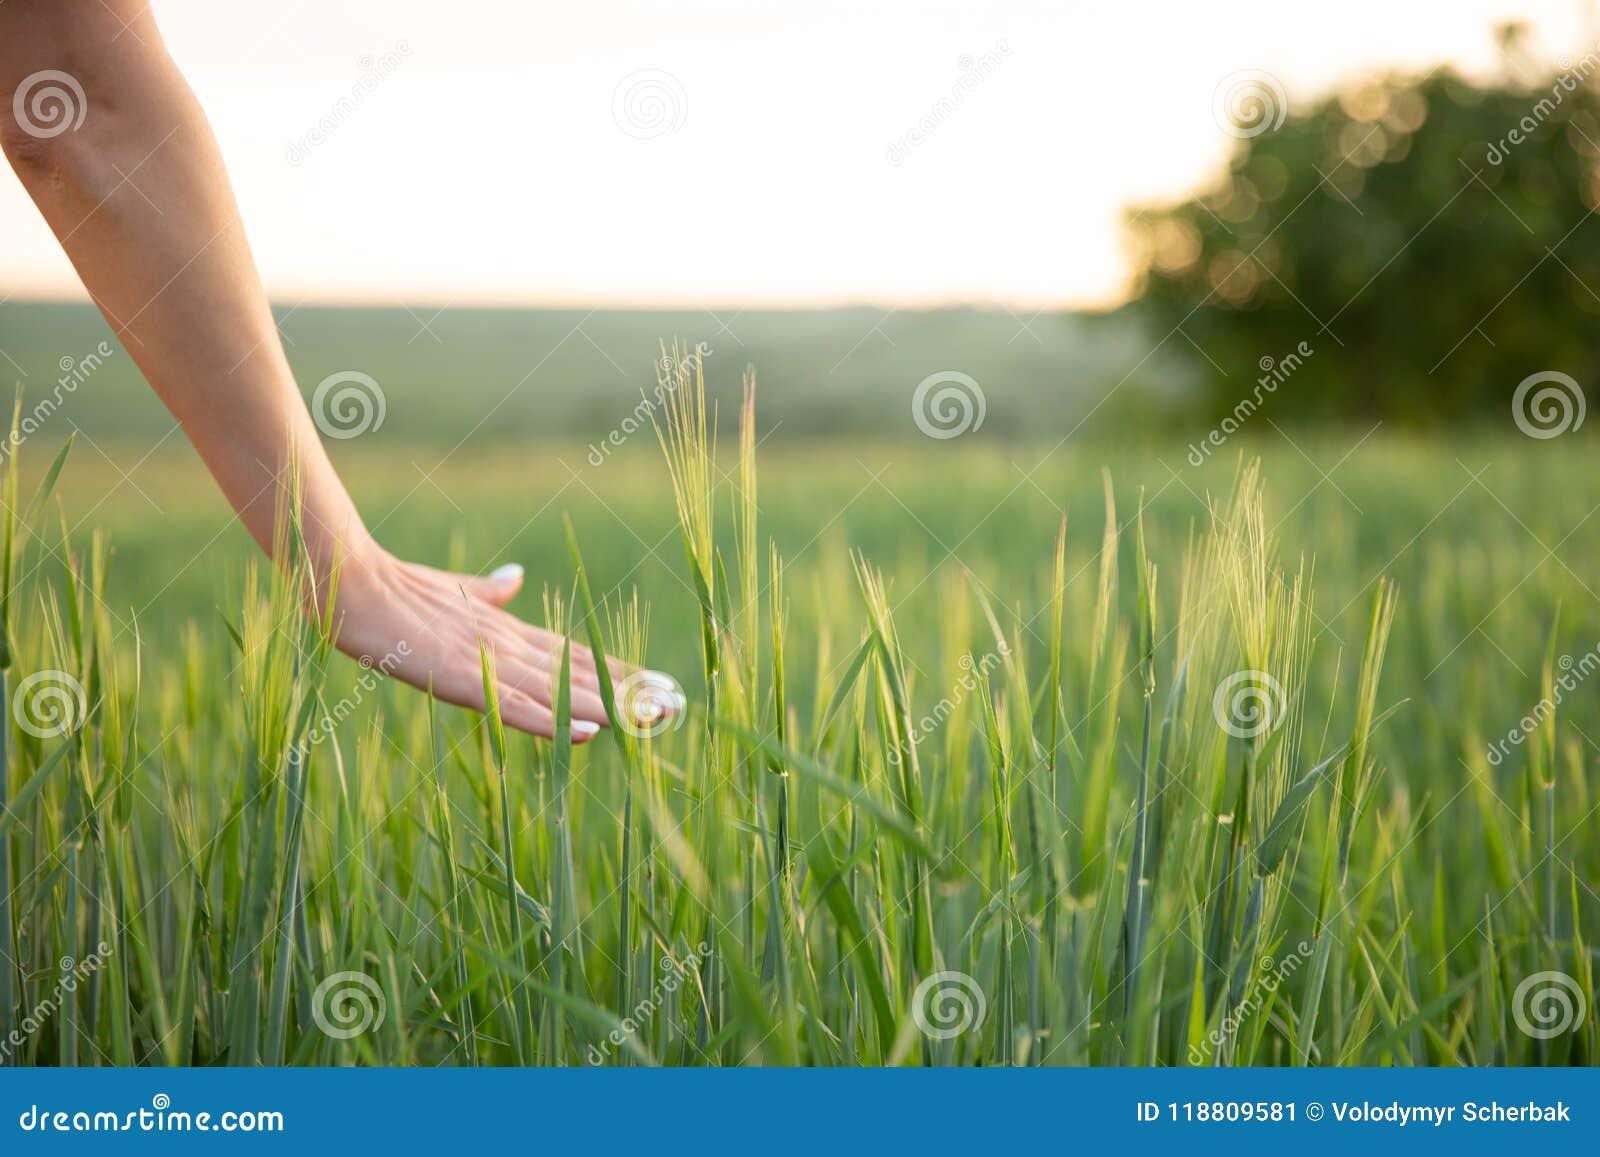 Dé los puntos conmovedores del trigo con su mano en la puesta del sol en hierba